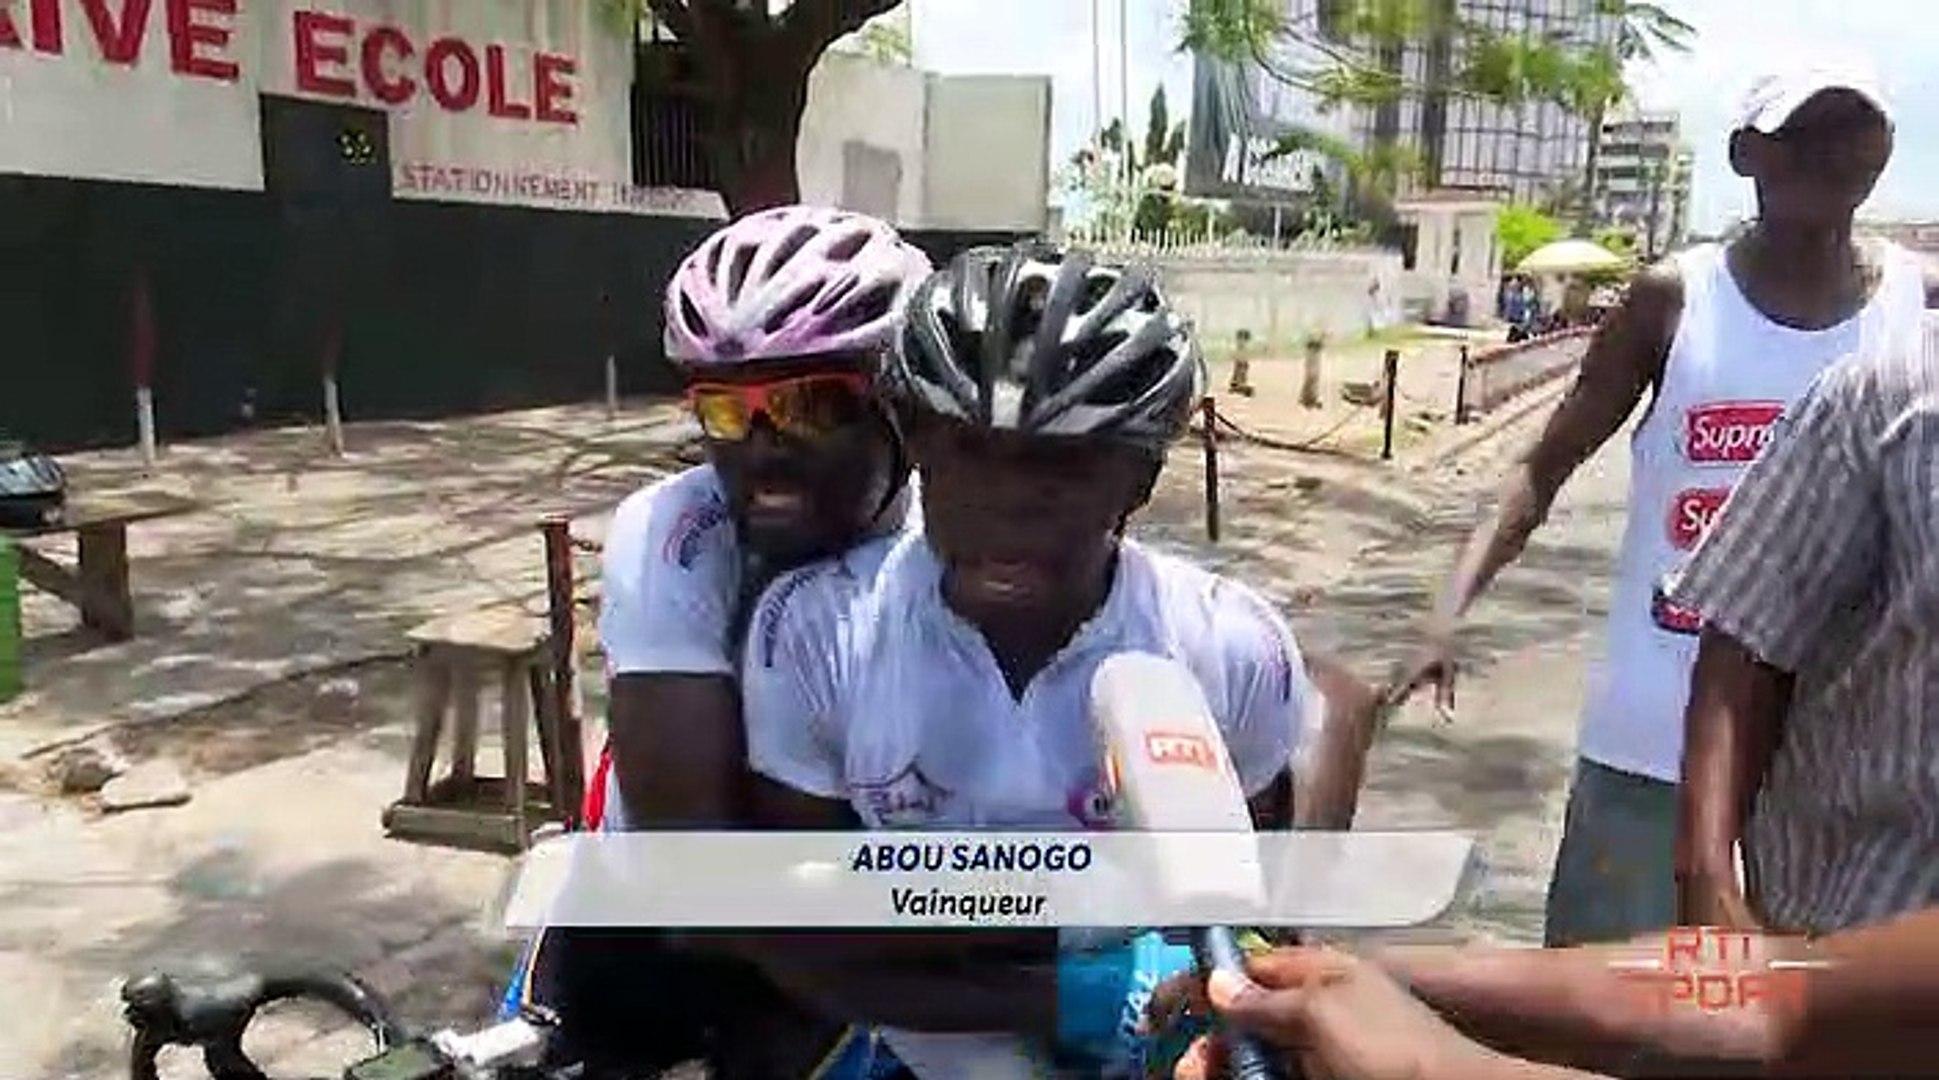 Cyclisme | Abou Sanogo vainqueur du tour de Treichville